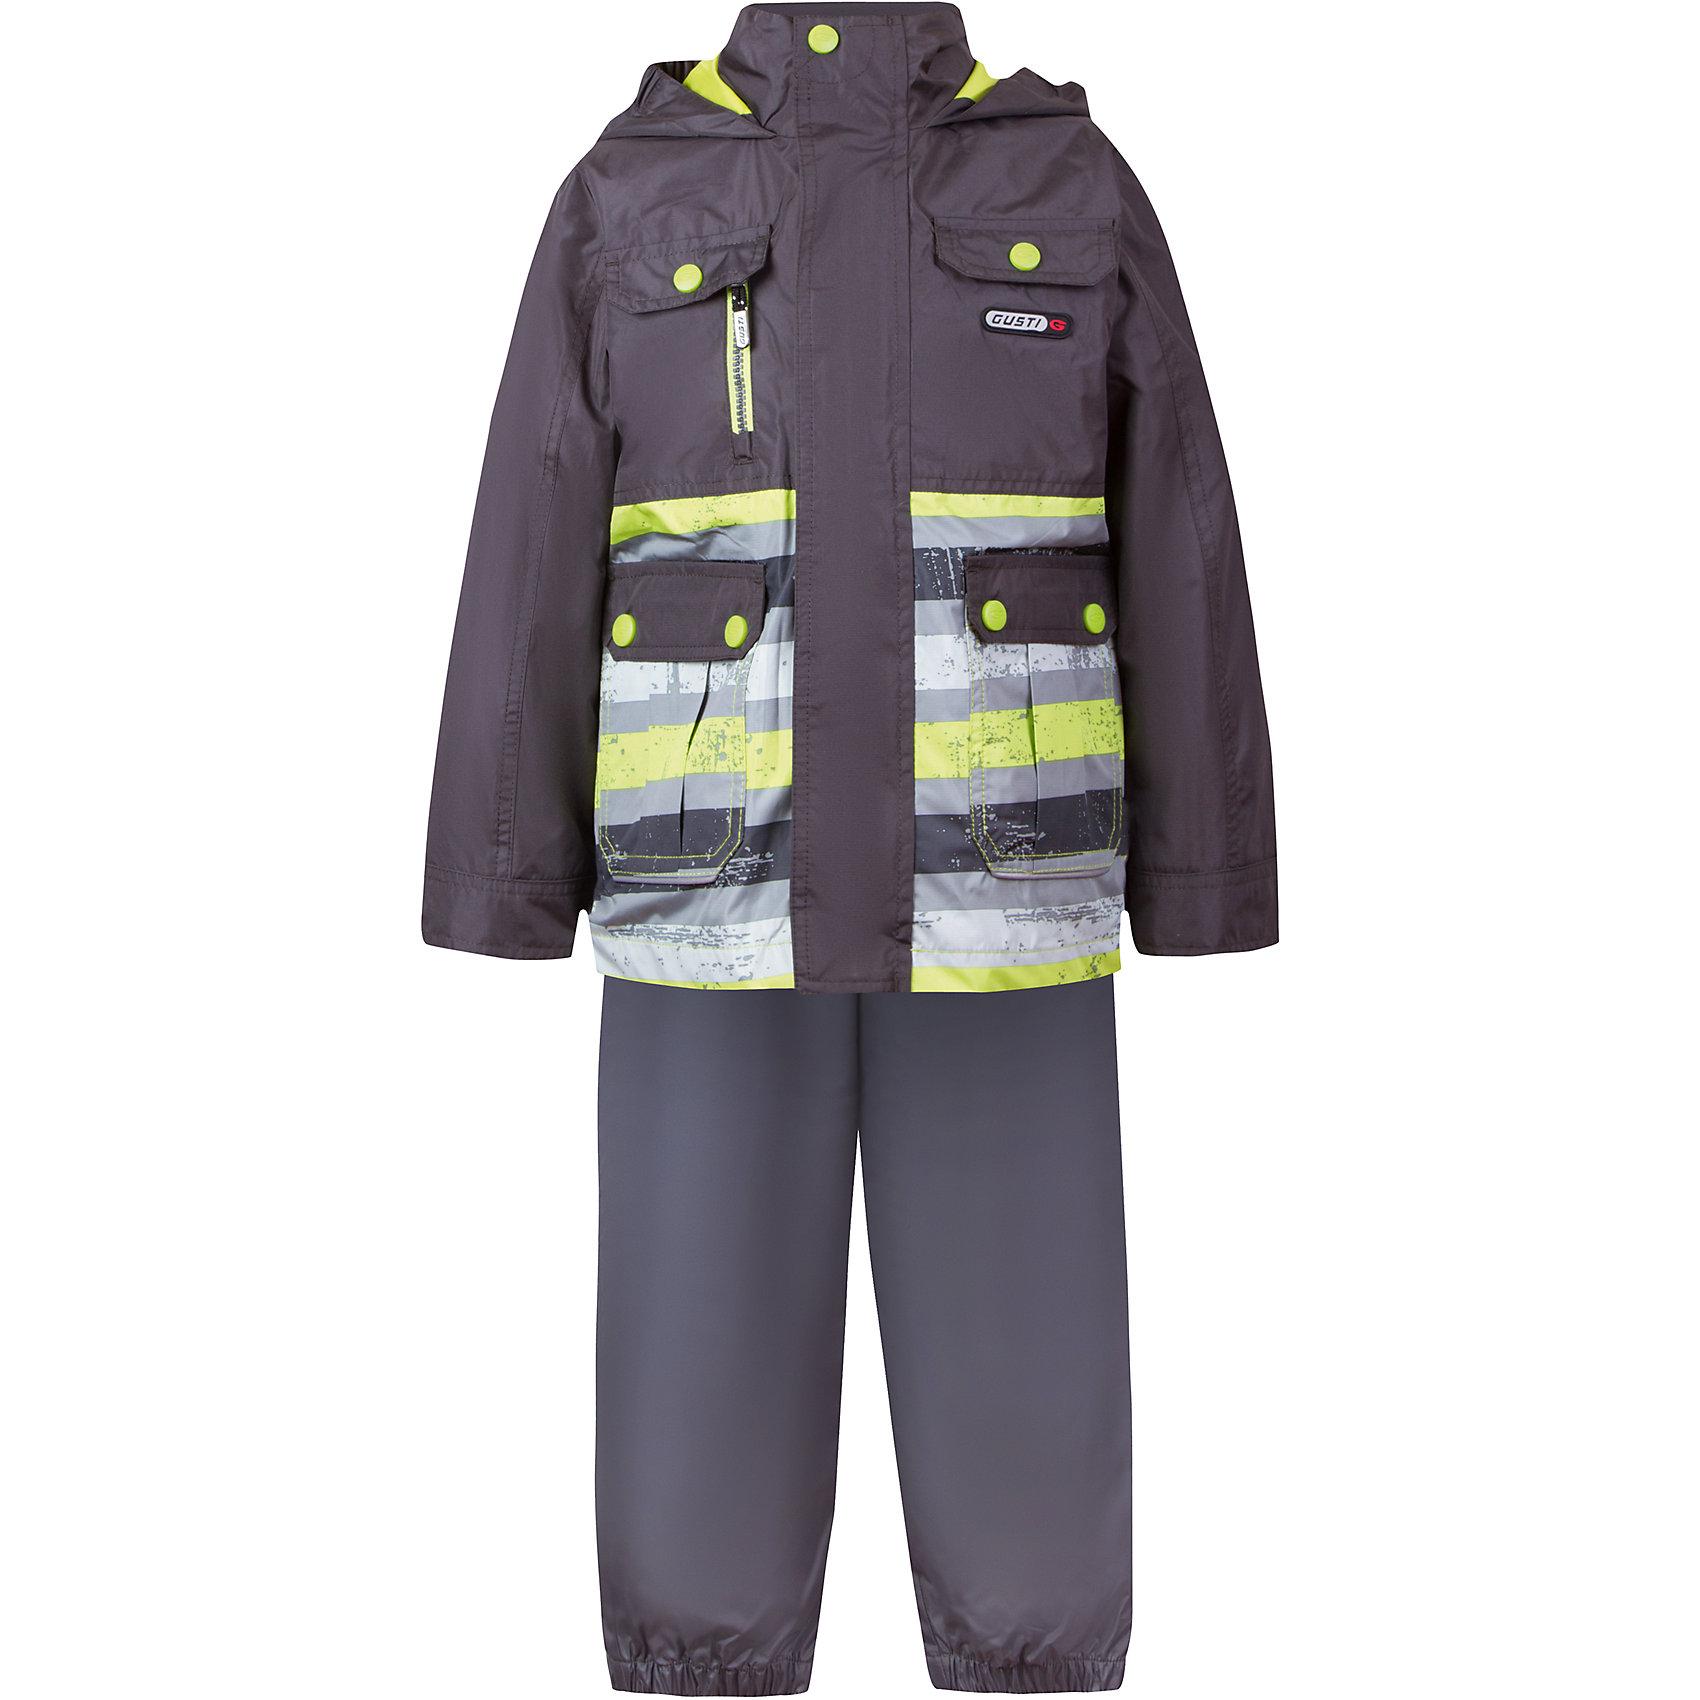 Комплект: куртка, толстовка и брюки для мальчика GustiВерхняя одежда<br>Характеристики товара:<br><br>• цвет: серый<br>• куртка: 100% полиэстер, съёмная флисовая толстовка: 100% полиэстер<br>• брюки: верх 100% полиэстер, подкладка 100% х/б<br>• без утеплителя<br>• комплектация: куртка, съемная флисовая подкладка, брюки<br>• температурный режим: от 0° С до +15° С<br>• водонепроницаемость: 2000 мм<br>• воздухопроницаемость: 2000 мм<br>• ветронепродуваемый<br>• капюшон не отстёгивается<br>• пять внешних карманов<br>• съемные подтяжки<br>• брючины эластичные<br>• светоотражающие элементы<br>• молния<br>• страна бренда: Канада<br><br>Этот демисезонный комплект из куртки, пристегивающейся к ней толстовки из флиса, и штанов поможет обеспечить ребенку комфорт и тепло. Предметы удобно садятся по фигуре, отлично смотрятся с различной обувью. Комплект очень модно выглядит, он хорошо защищает от ветра и влаги. Материал отлично подходит для дождливой погоды. Стильный дизайн разрабатывался специально для детей.<br><br>Комплект: куртка, толстовка и брюки для мальчика от известного бренда Gusti (Густи) можно купить в нашем интернет-магазине.<br><br>Ширина мм: 356<br>Глубина мм: 10<br>Высота мм: 245<br>Вес г: 519<br>Цвет: черный<br>Возраст от месяцев: 12<br>Возраст до месяцев: 15<br>Пол: Мужской<br>Возраст: Детский<br>Размер: 80,152,86,90,92,98,100,104,110,116,120,122,128,140<br>SKU: 5452320